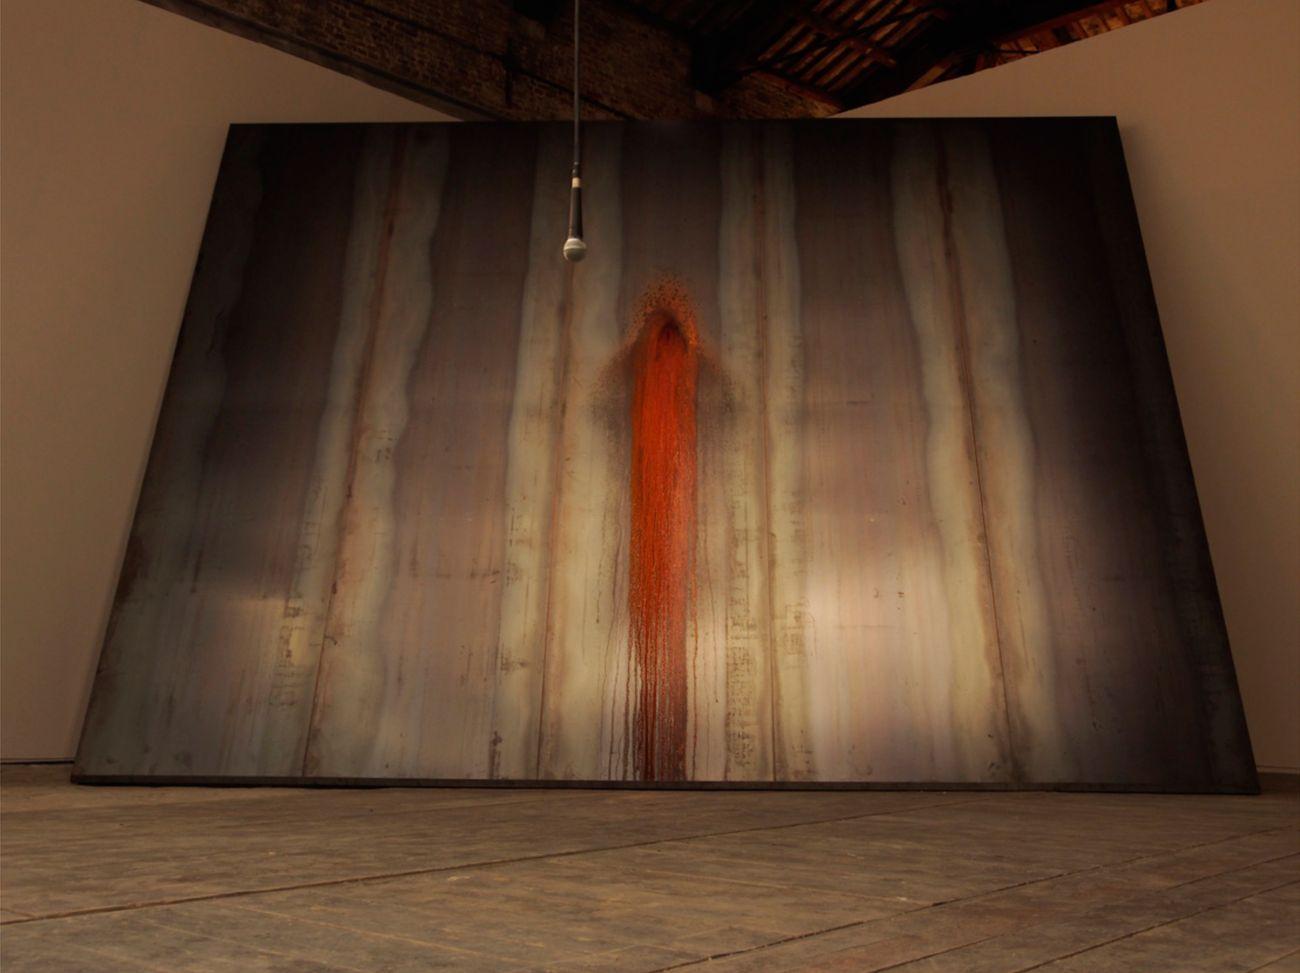 Francesca Grilli, Ossido ferrico. Installation view at Padiglione Italia, 57. Biennale di Venezia